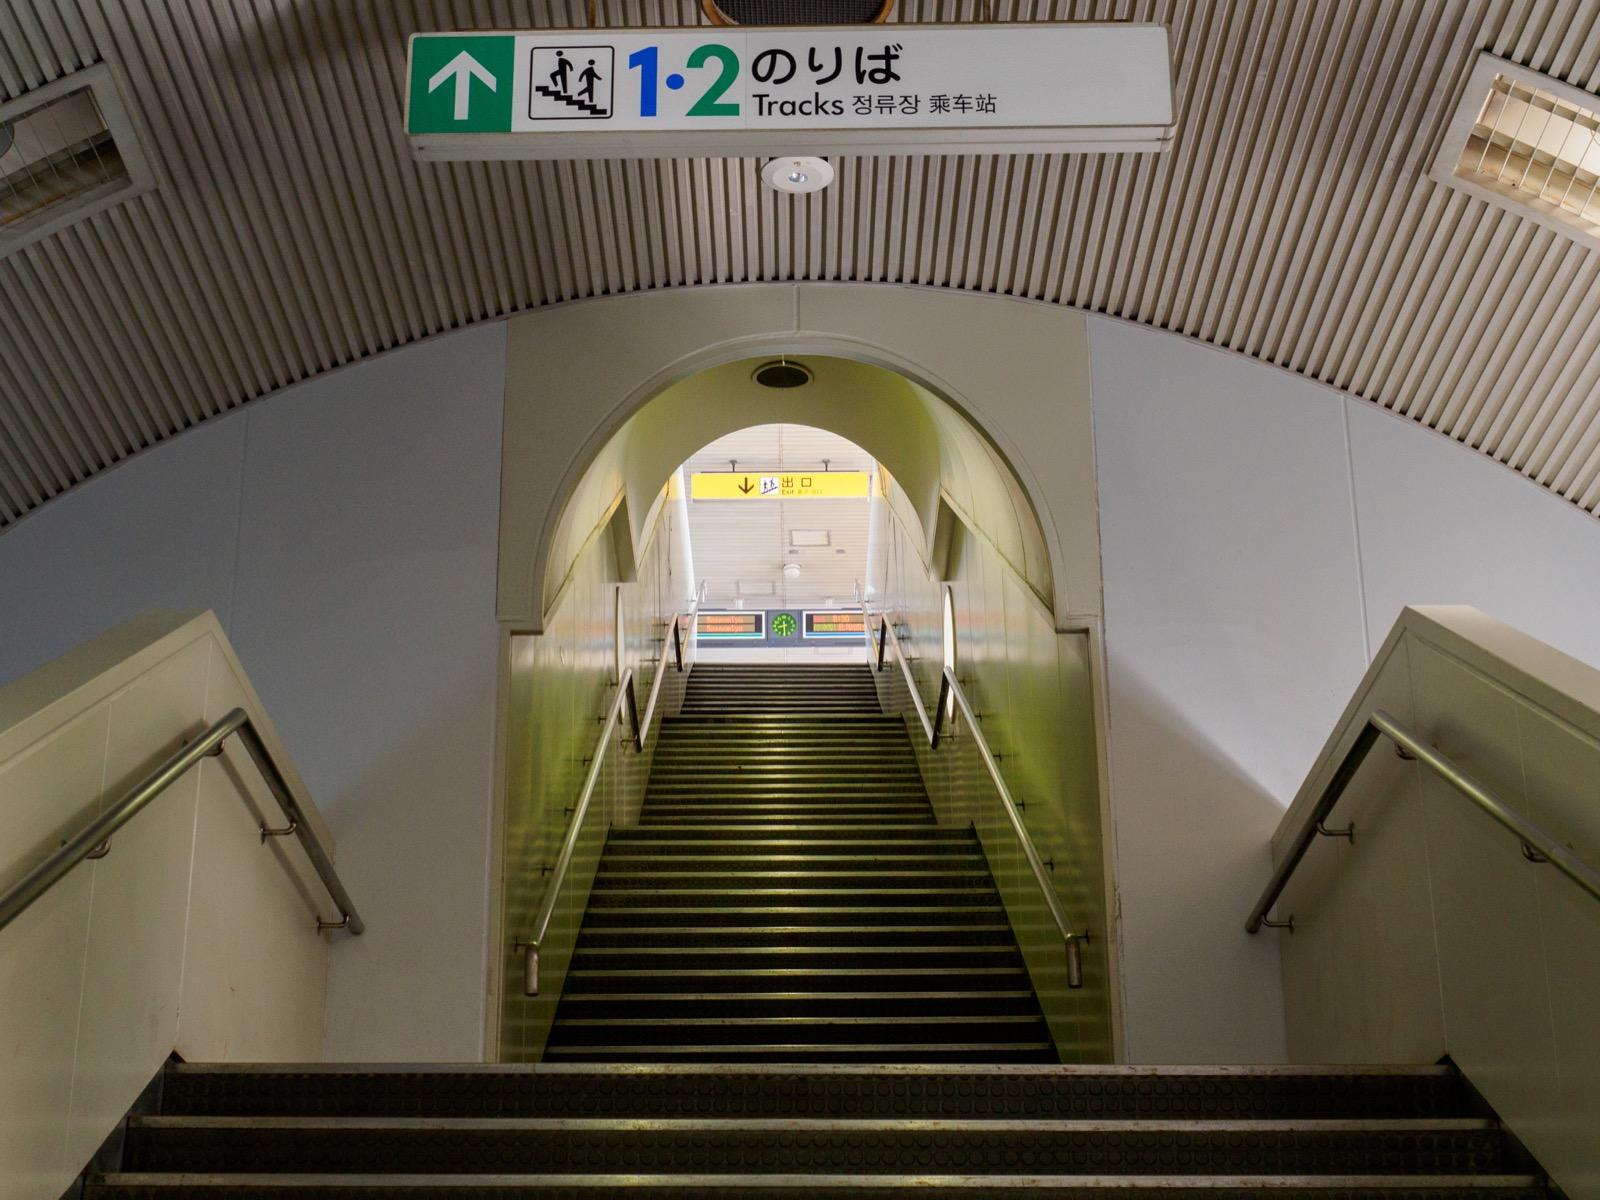 ポートターミナル駅の階段